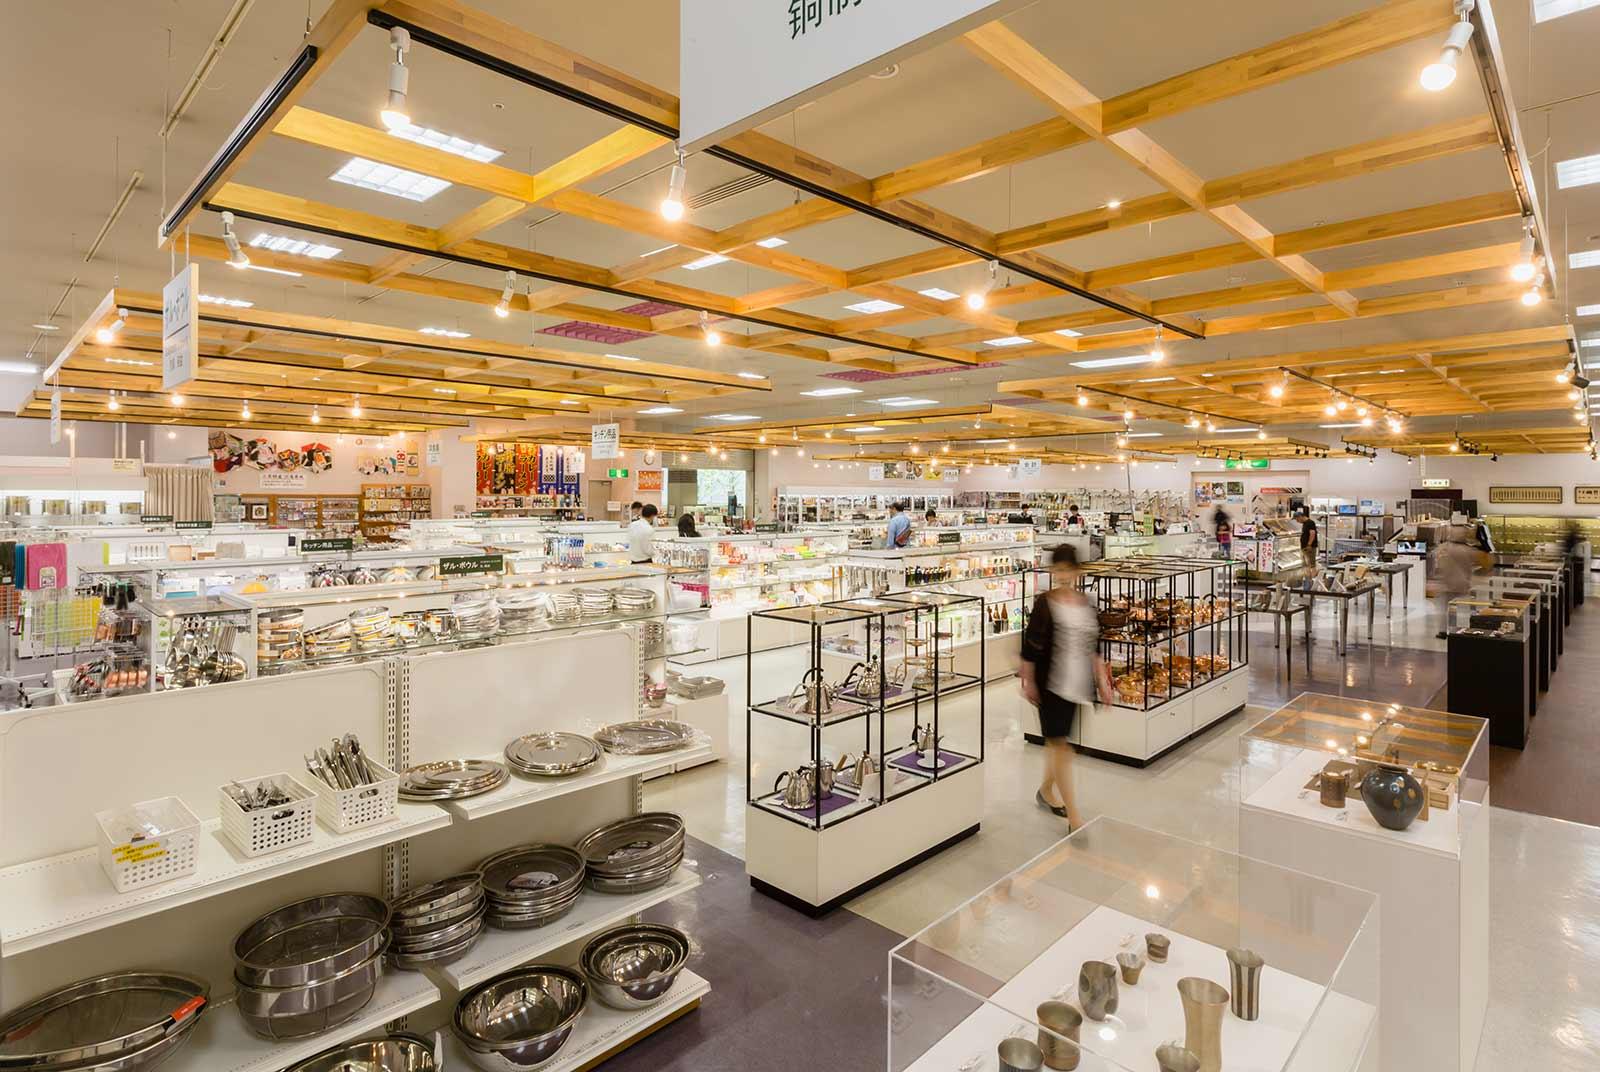 800平米の広大なスペースに約10,000点の洋食器・刃物などが展示・販売されている